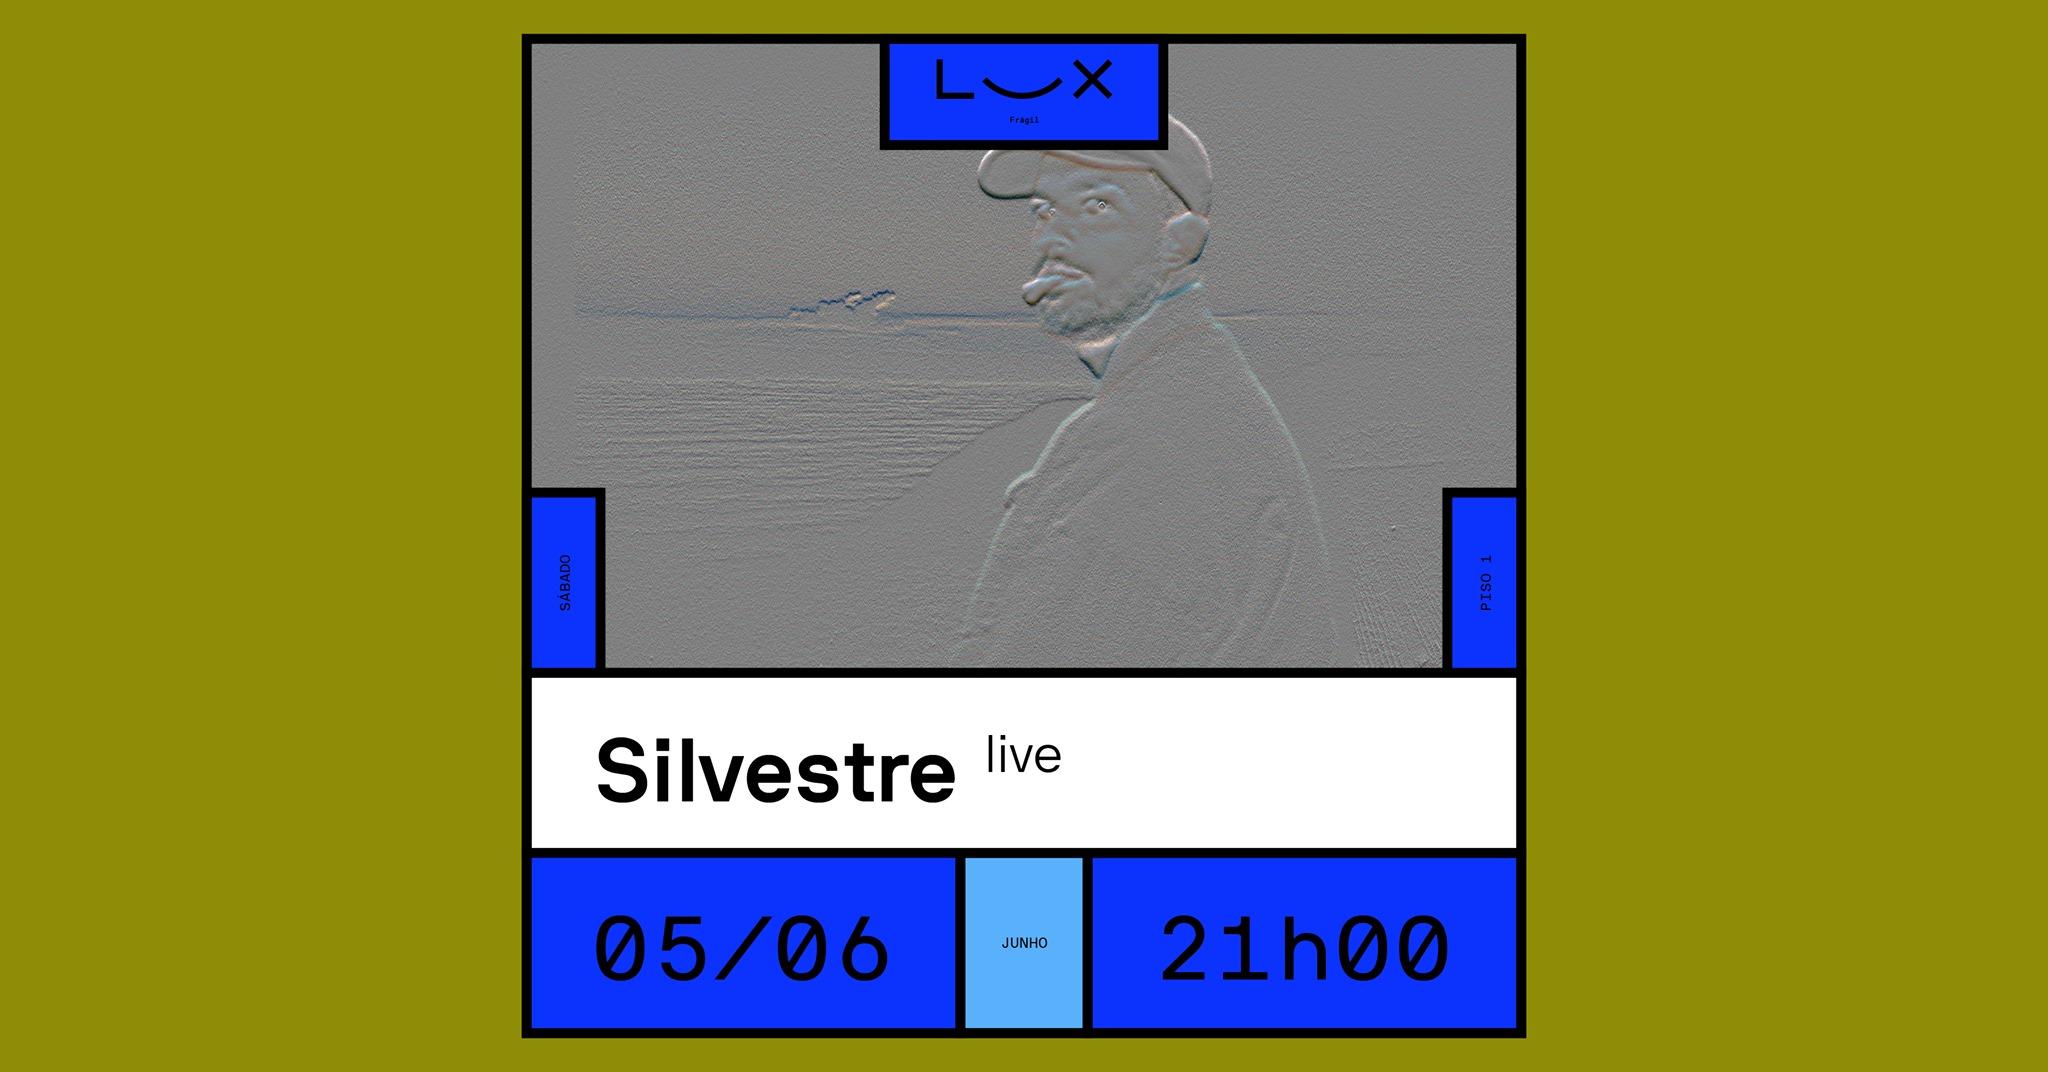 Silvestre live